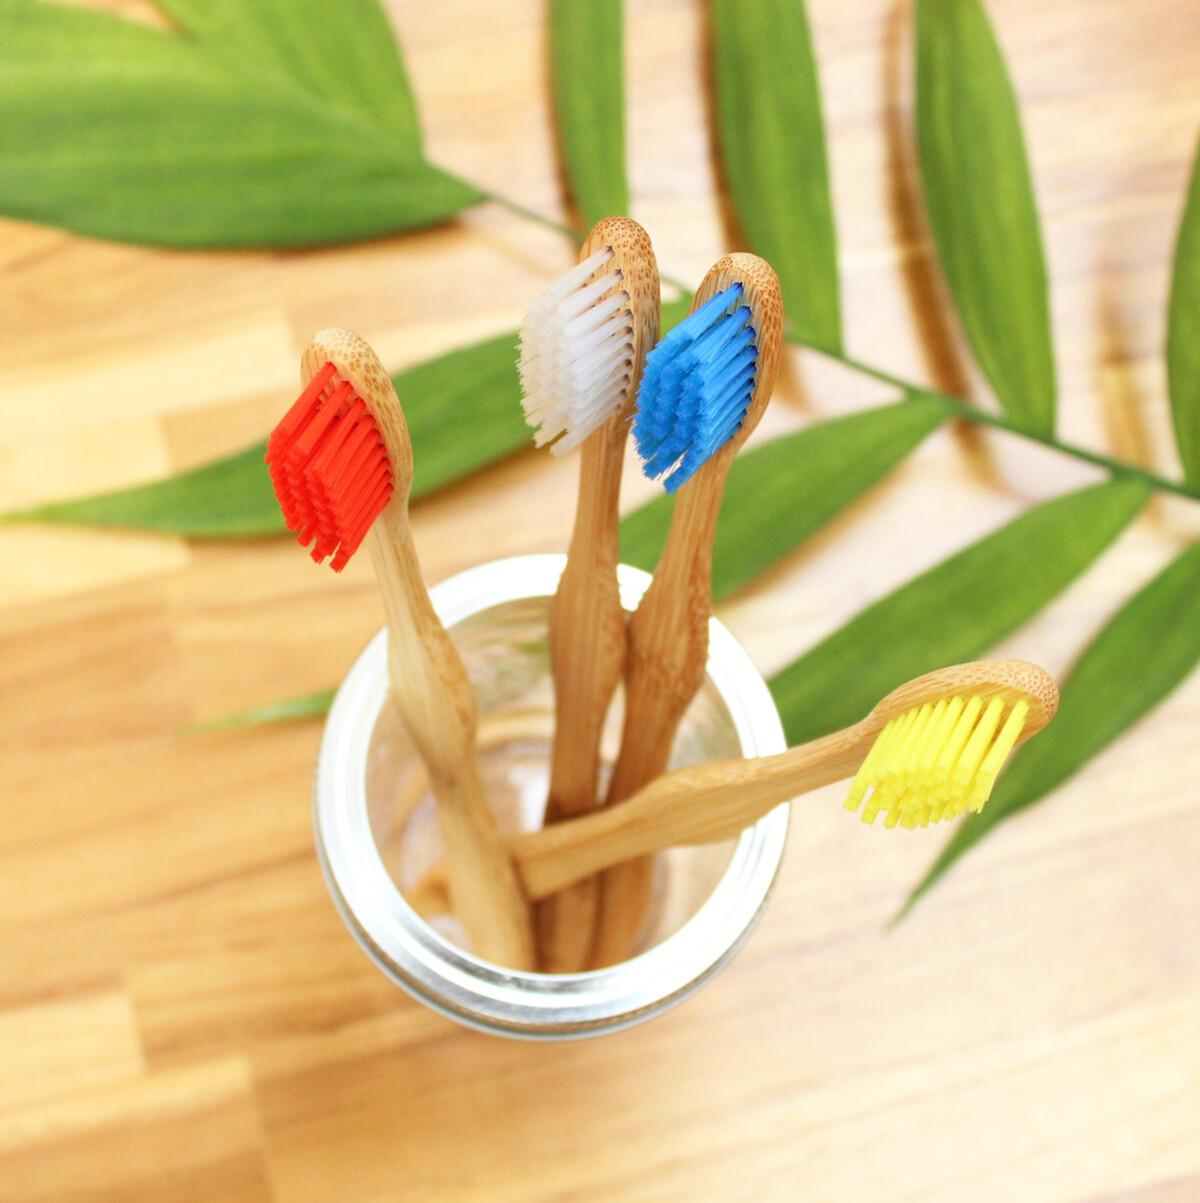 Kit Eco Família com 10 escovas de dente de bambu Beegreen®